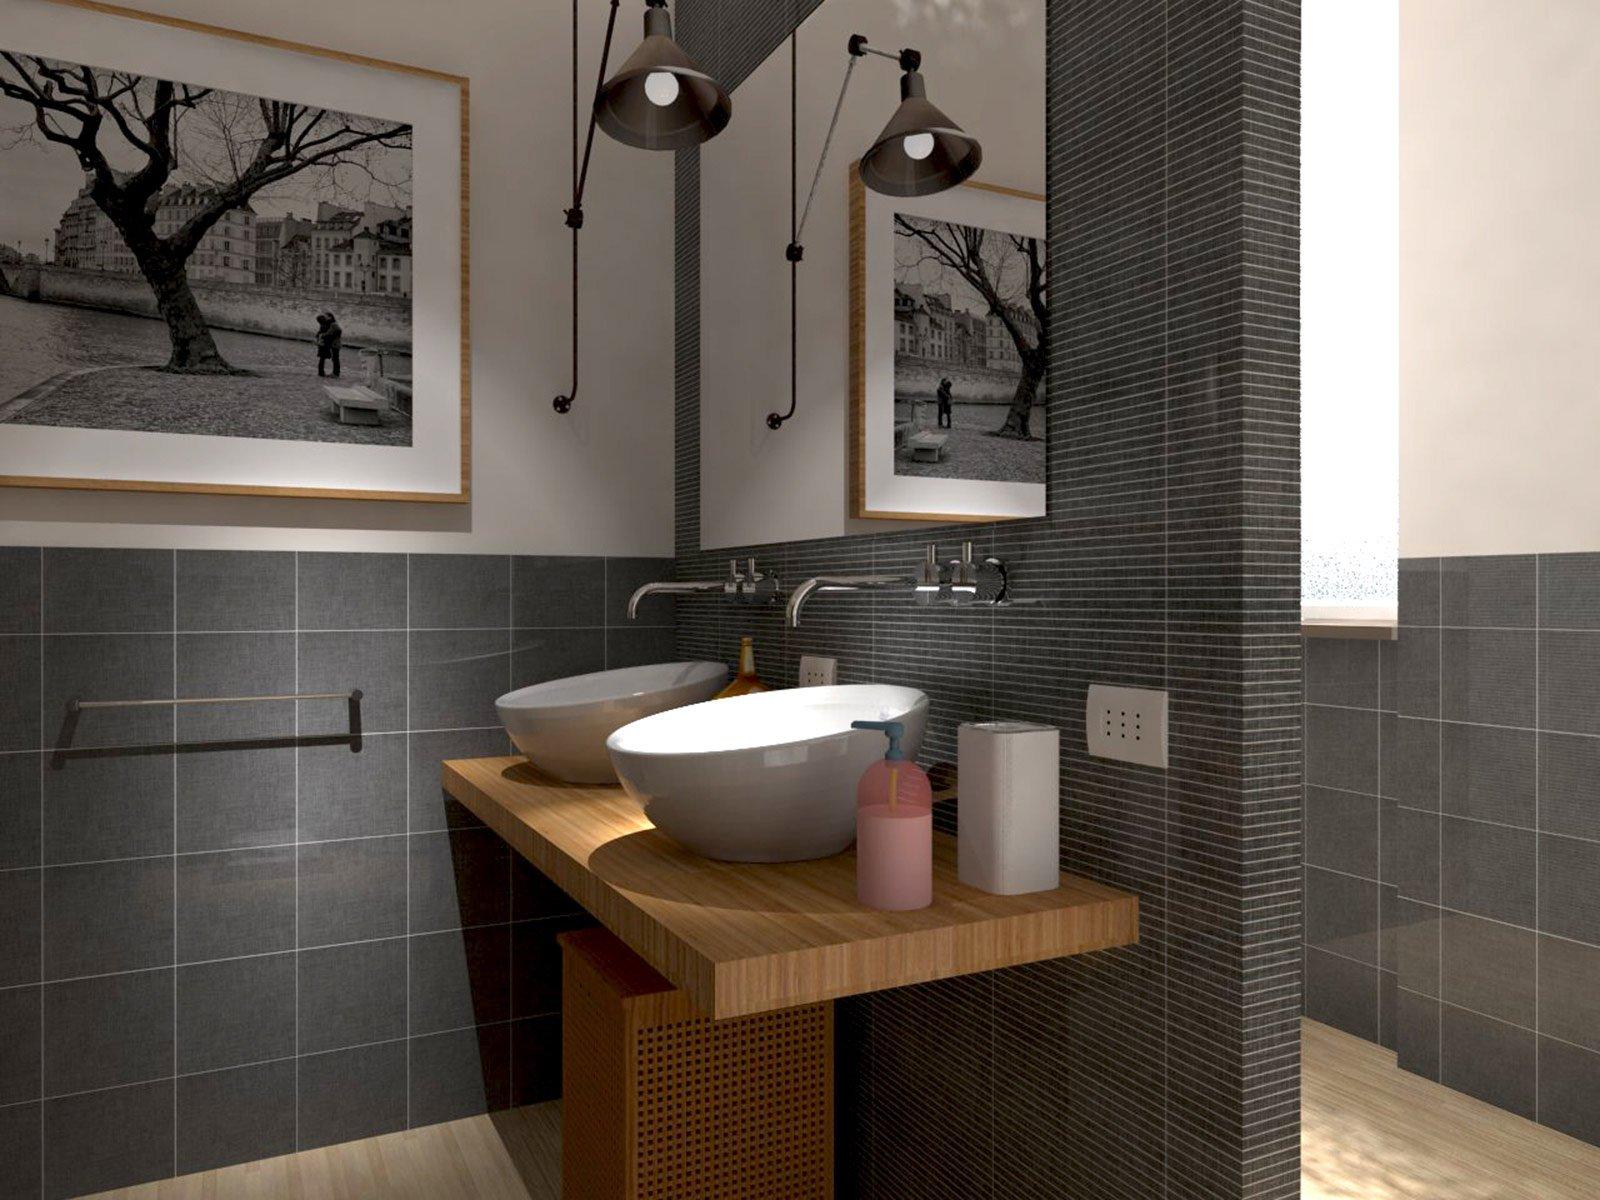 100+ [ bagni moderni con vasca ] | bagno in stile classico foto 2 ... - Bagni Moderni Con Vasca